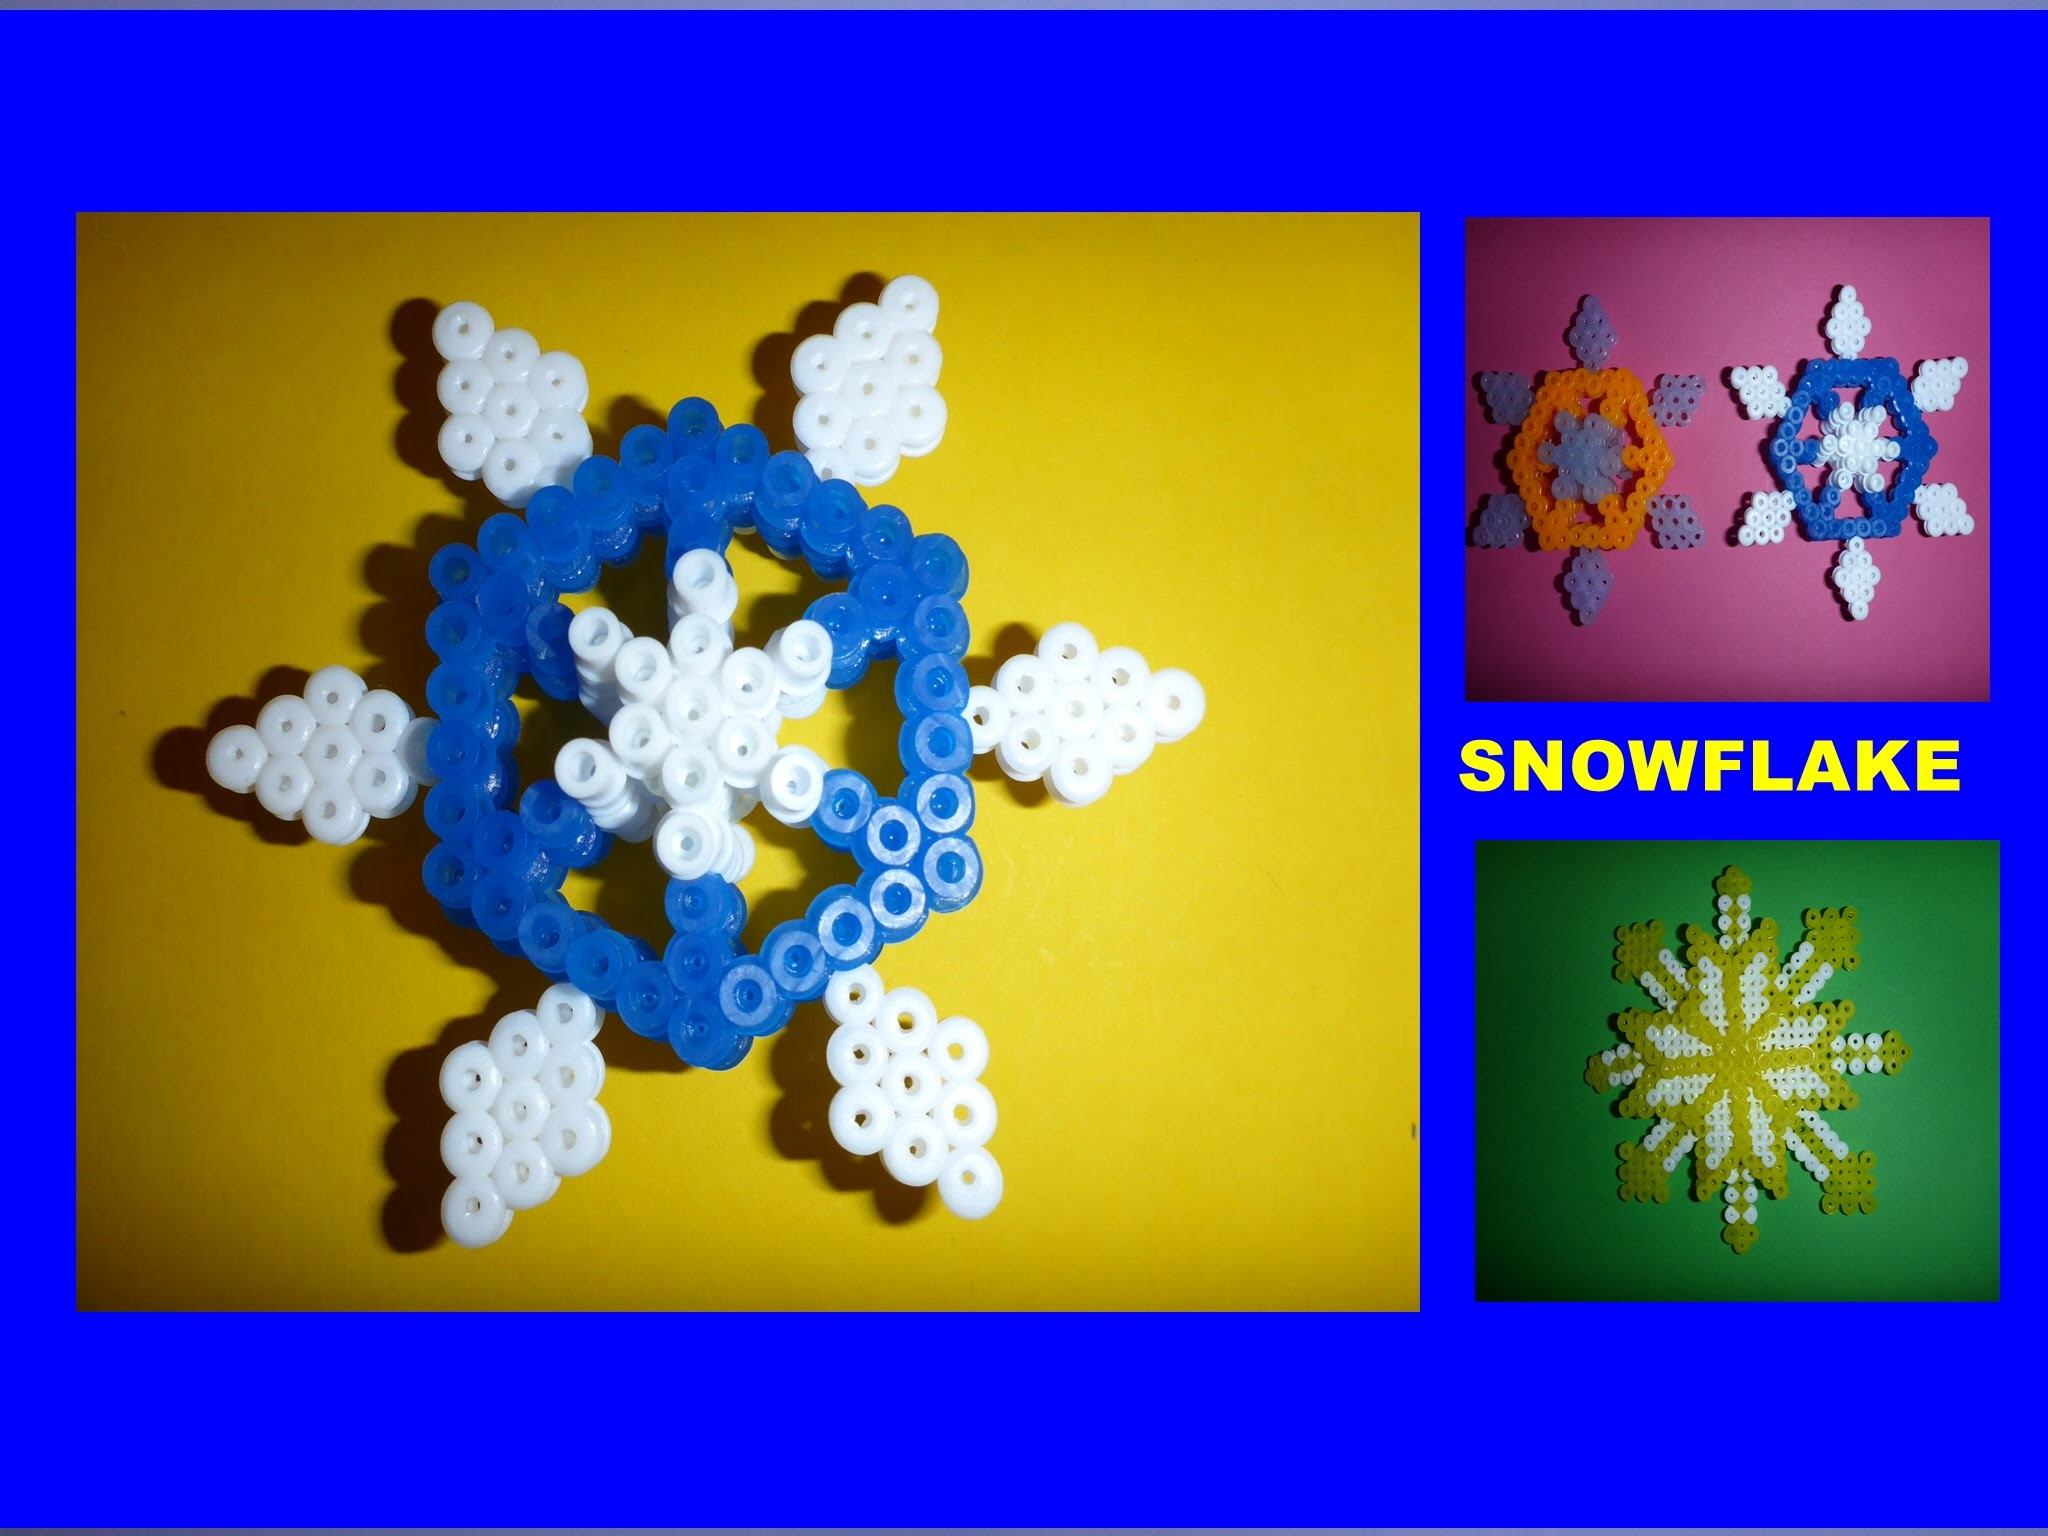 DIY Schneeflocke aus Bügelperlen, Geschenk zu Weihnachten, christmas gift ideas snowflake